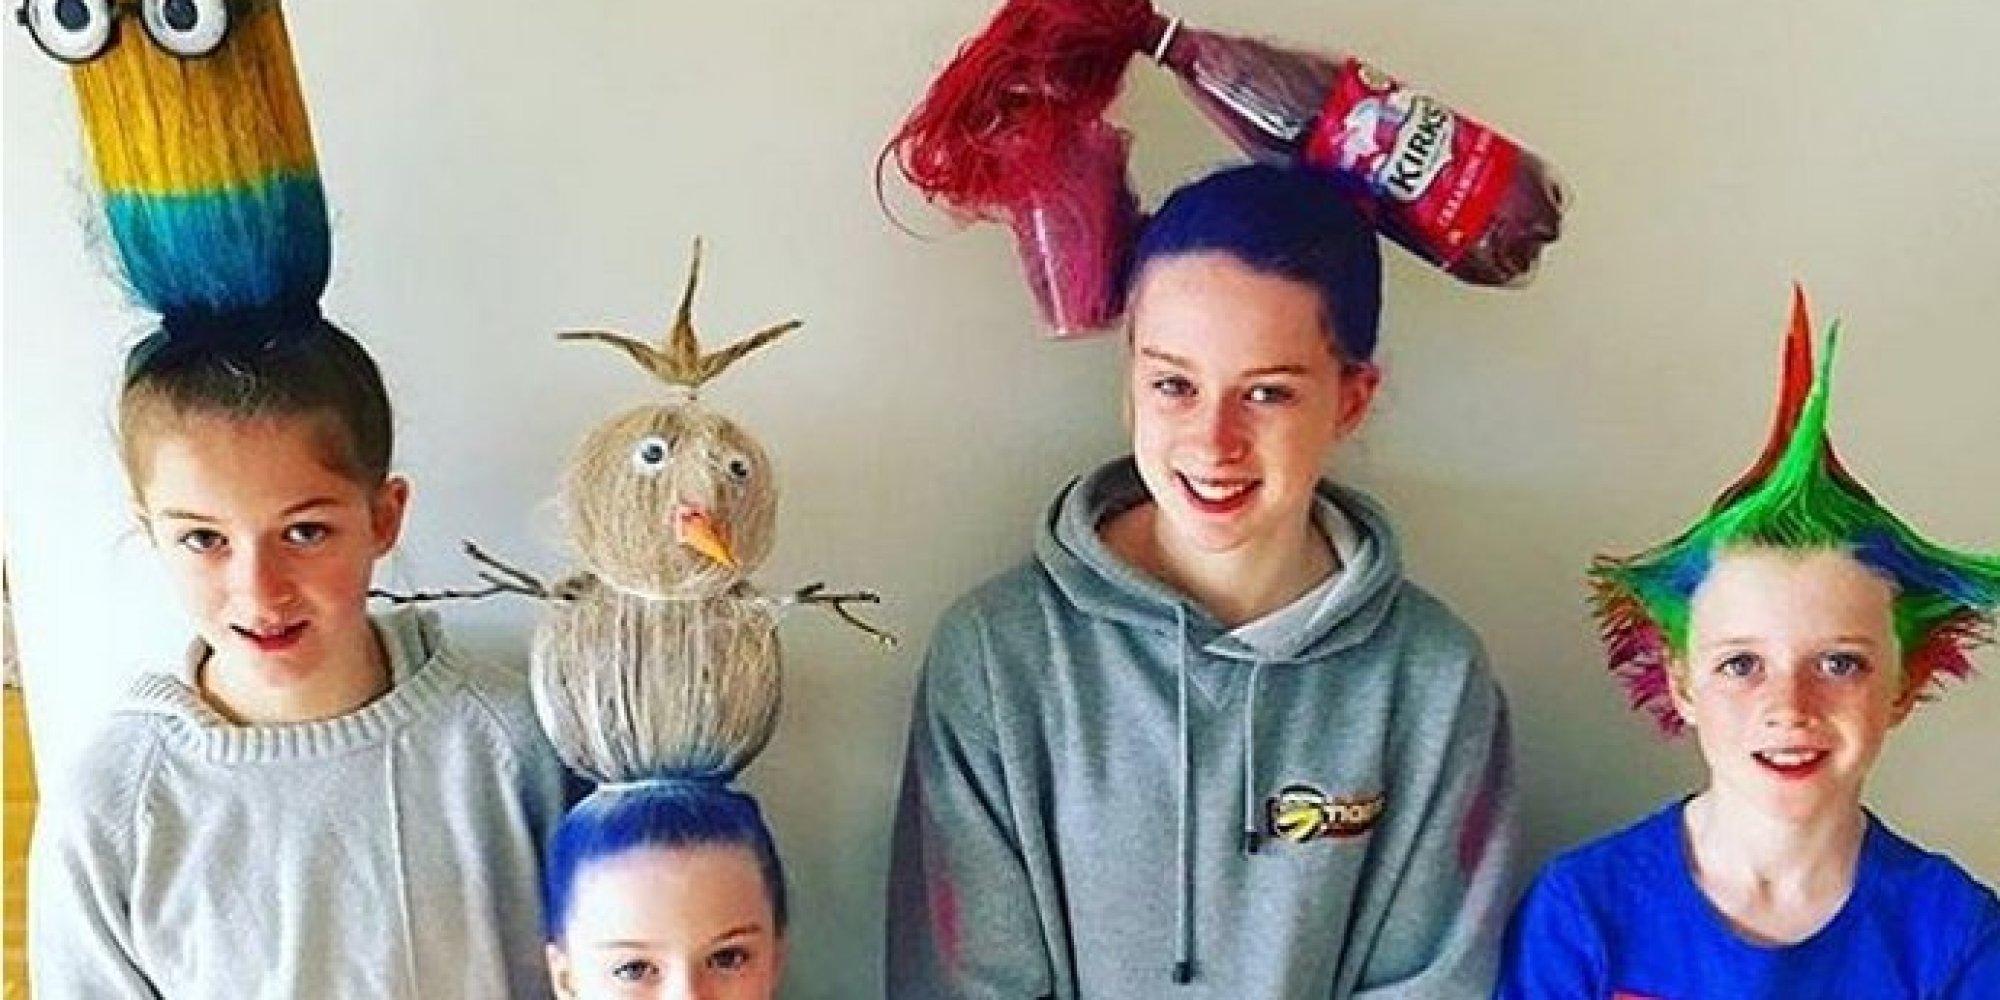 10 Fantastic Ideas Crazy Hair Day School o crazy hair day ideas facebook scoilmhuiretullamoreblog 1 2021